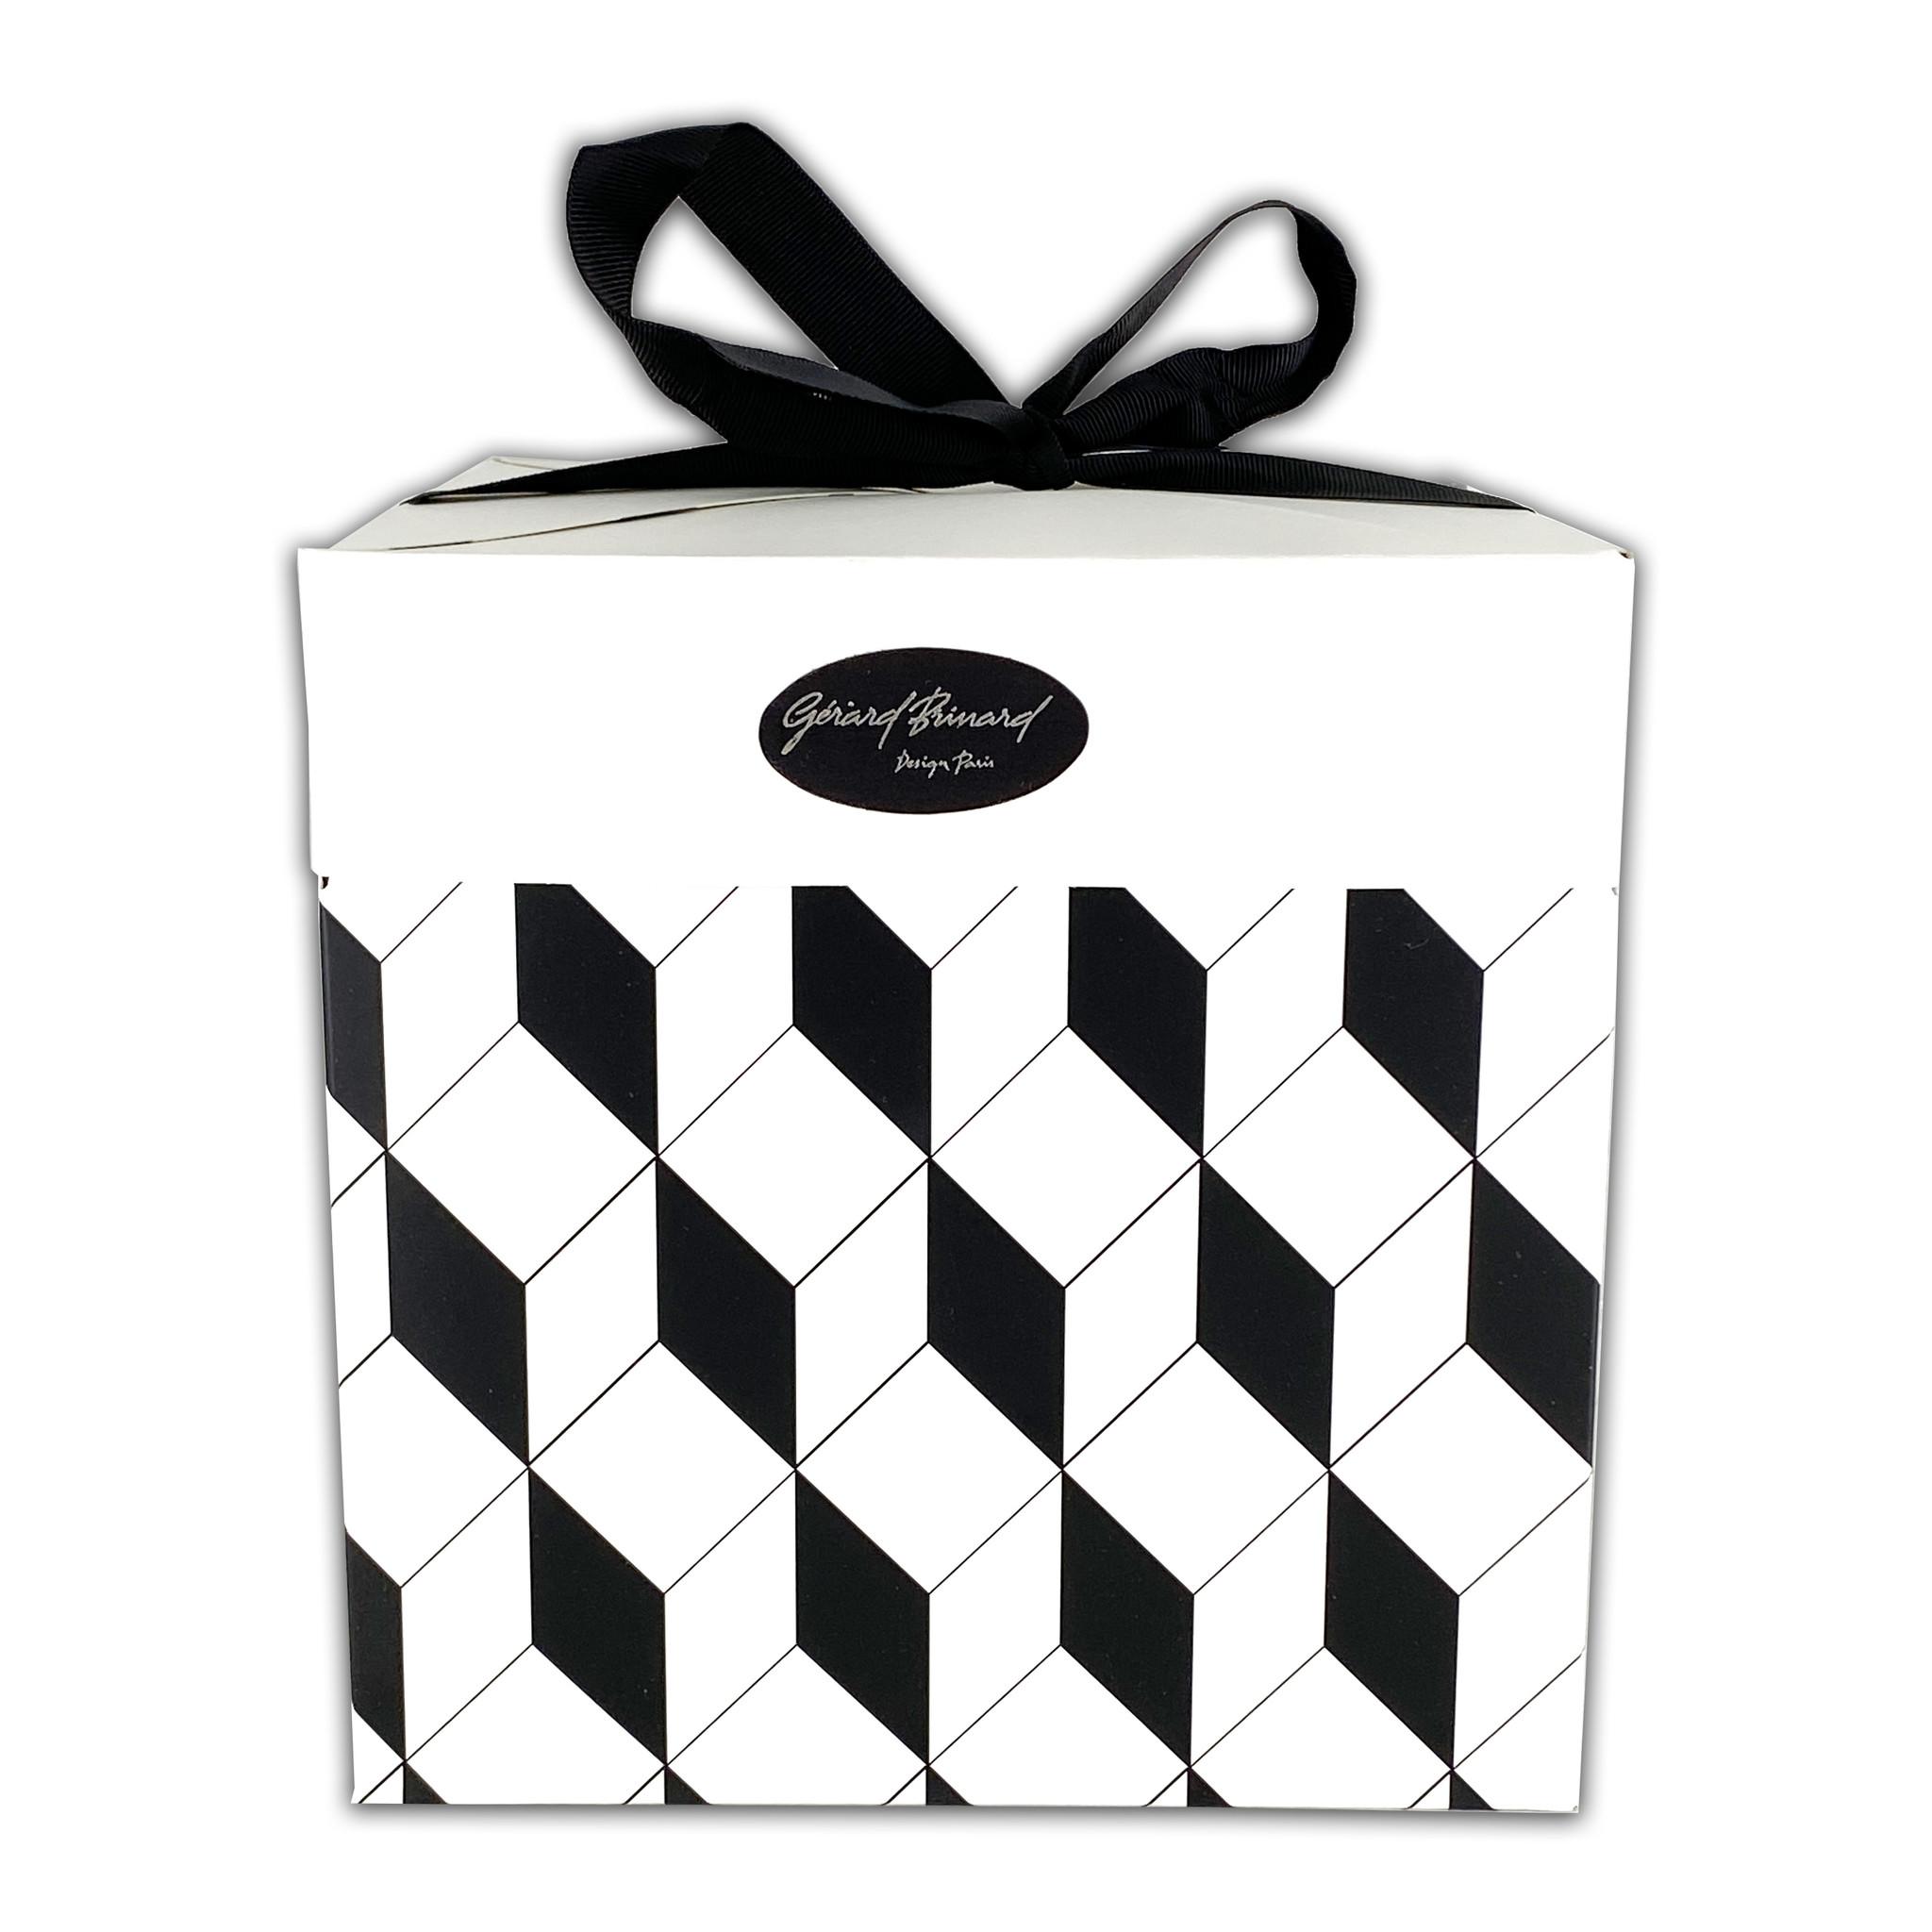 Dames cadeaupakket in cadeau verpakking